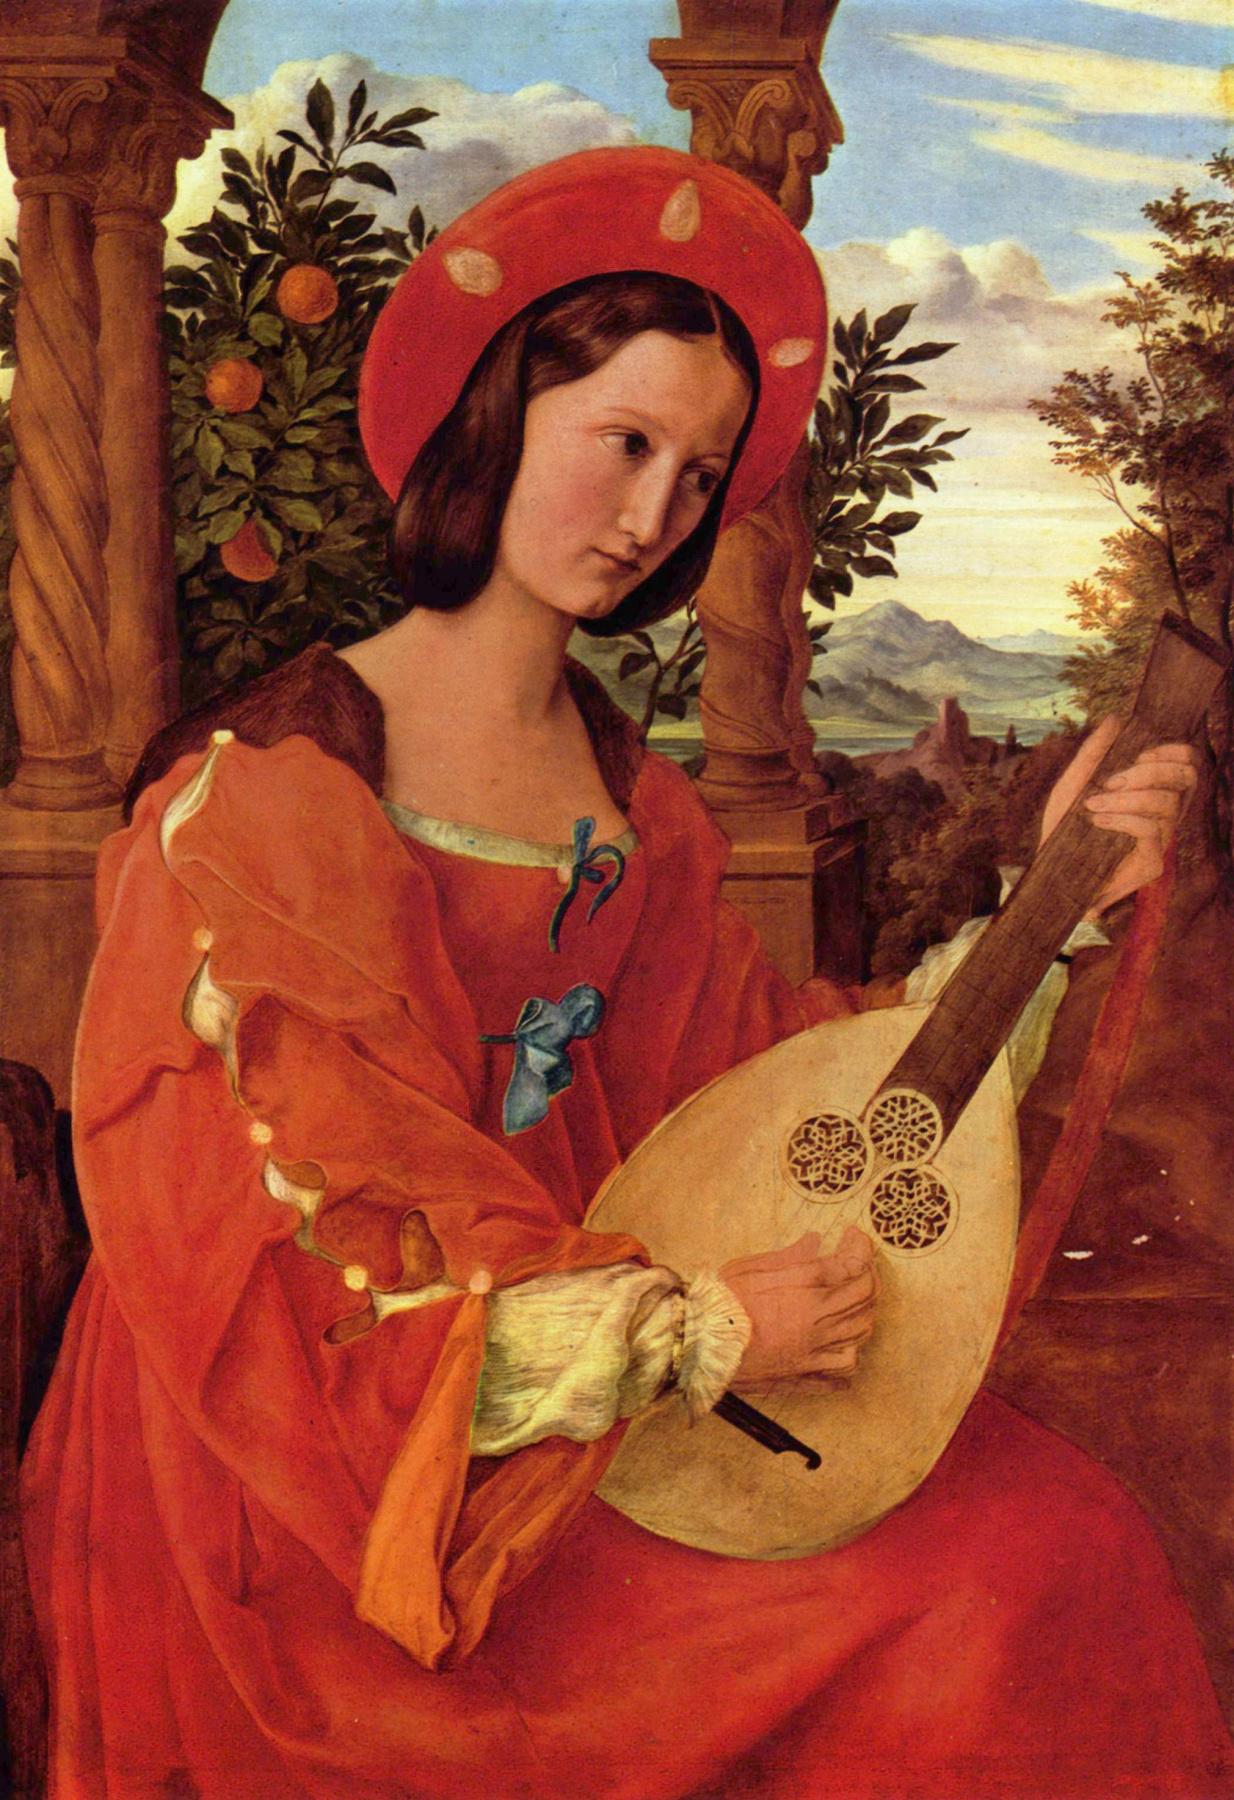 Julius Schnorr von Karolsfeld. Portrait of Clara Bianca von Quandt with a lute in his hands